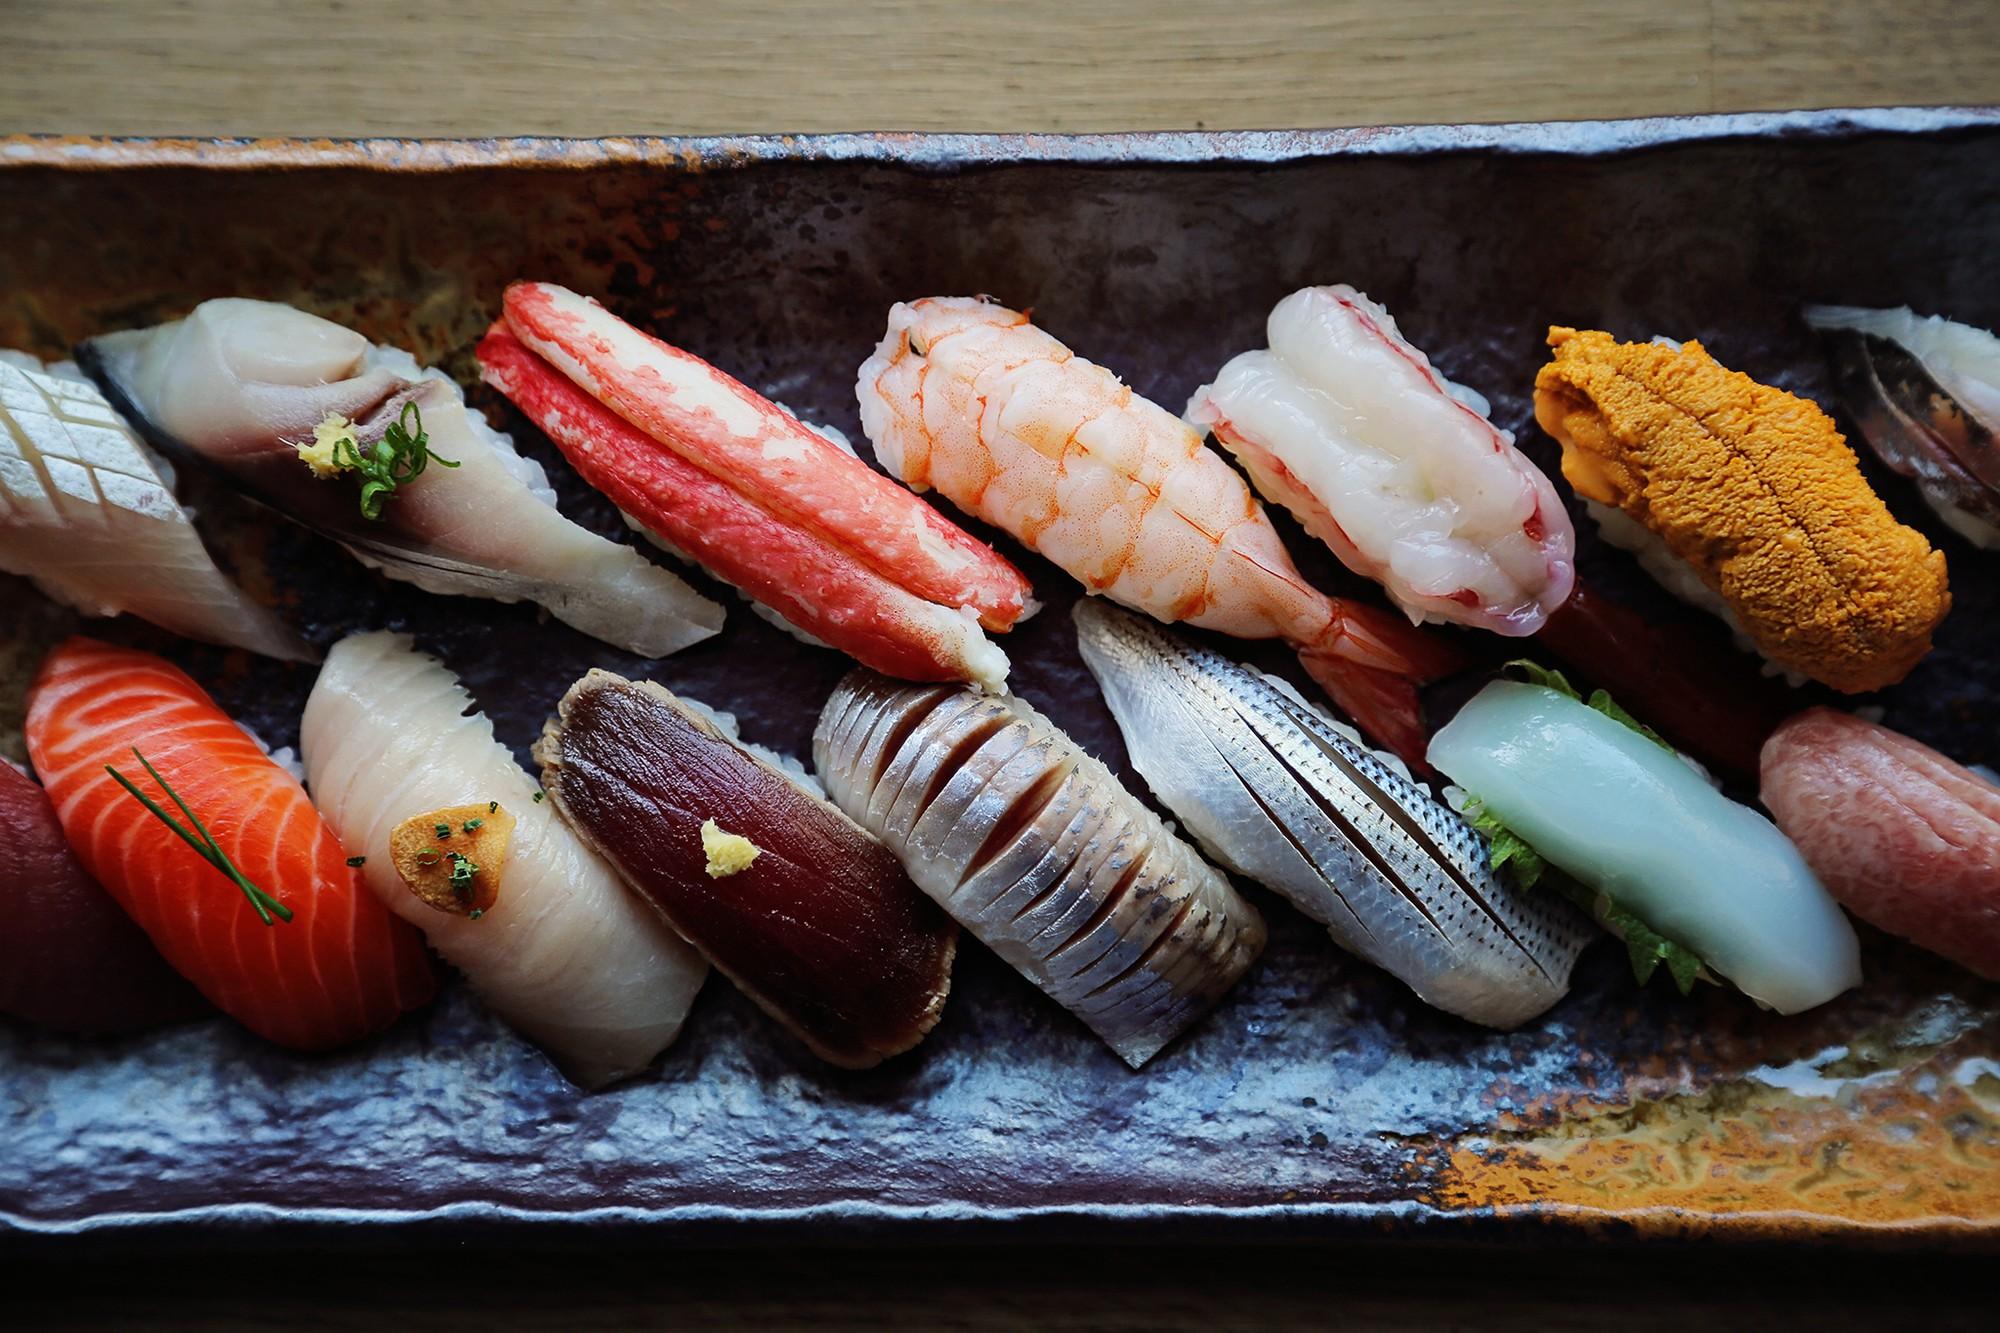 Từ thứ nguyên liệu để ướp cá rồi vứt đi, món ăn này đã trở nên nổi tiếng toàn cầu với giá cực chát - Ảnh 3.